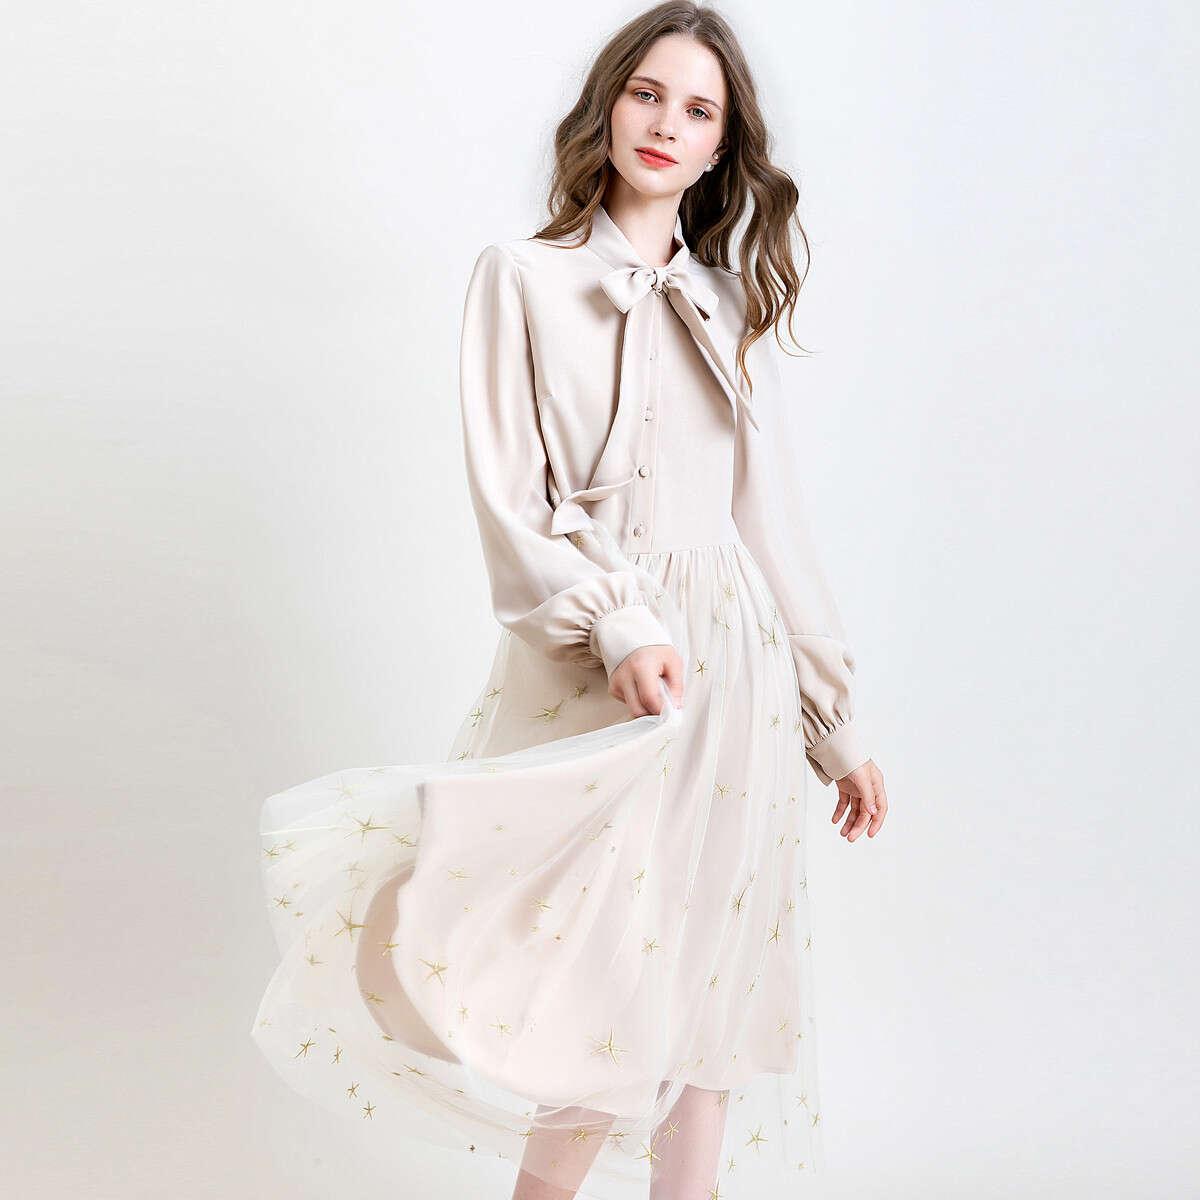 穿出女性时尚姿态 戈蔓婷女装助创业者便捷打造事业!